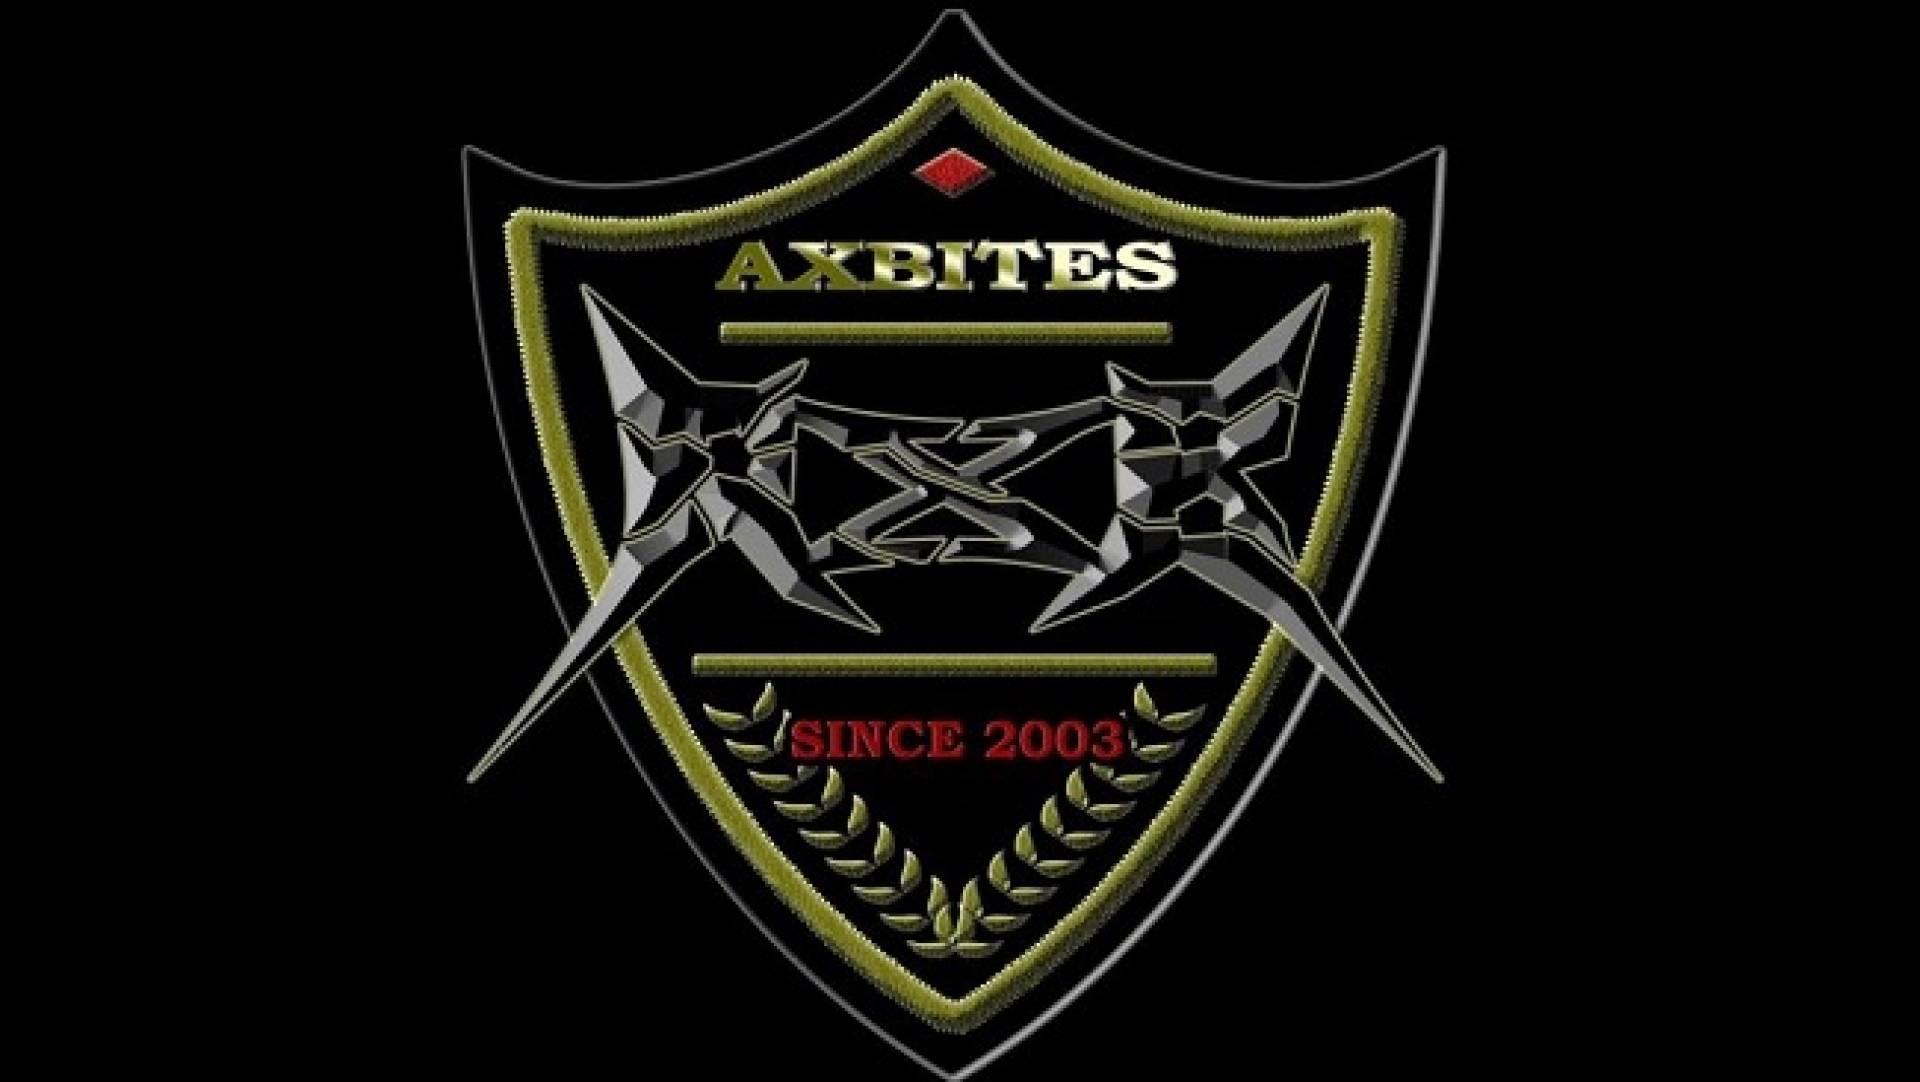 AXBITES